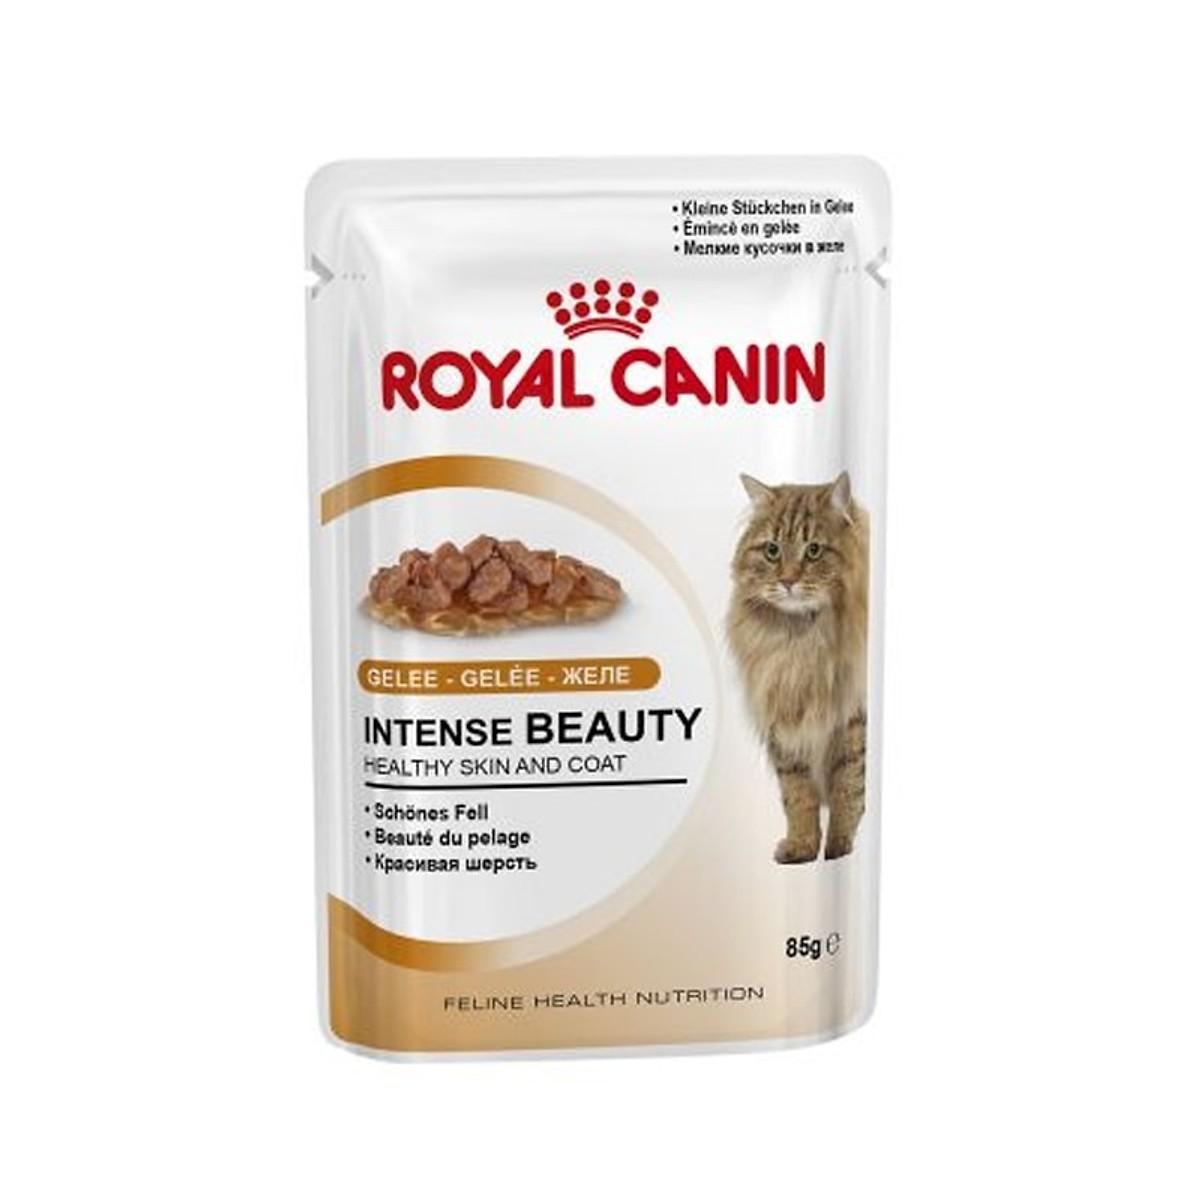 Pate ROYAL CANIN INTENSE BEAUTY Lông Khỏe Đẹp 85g